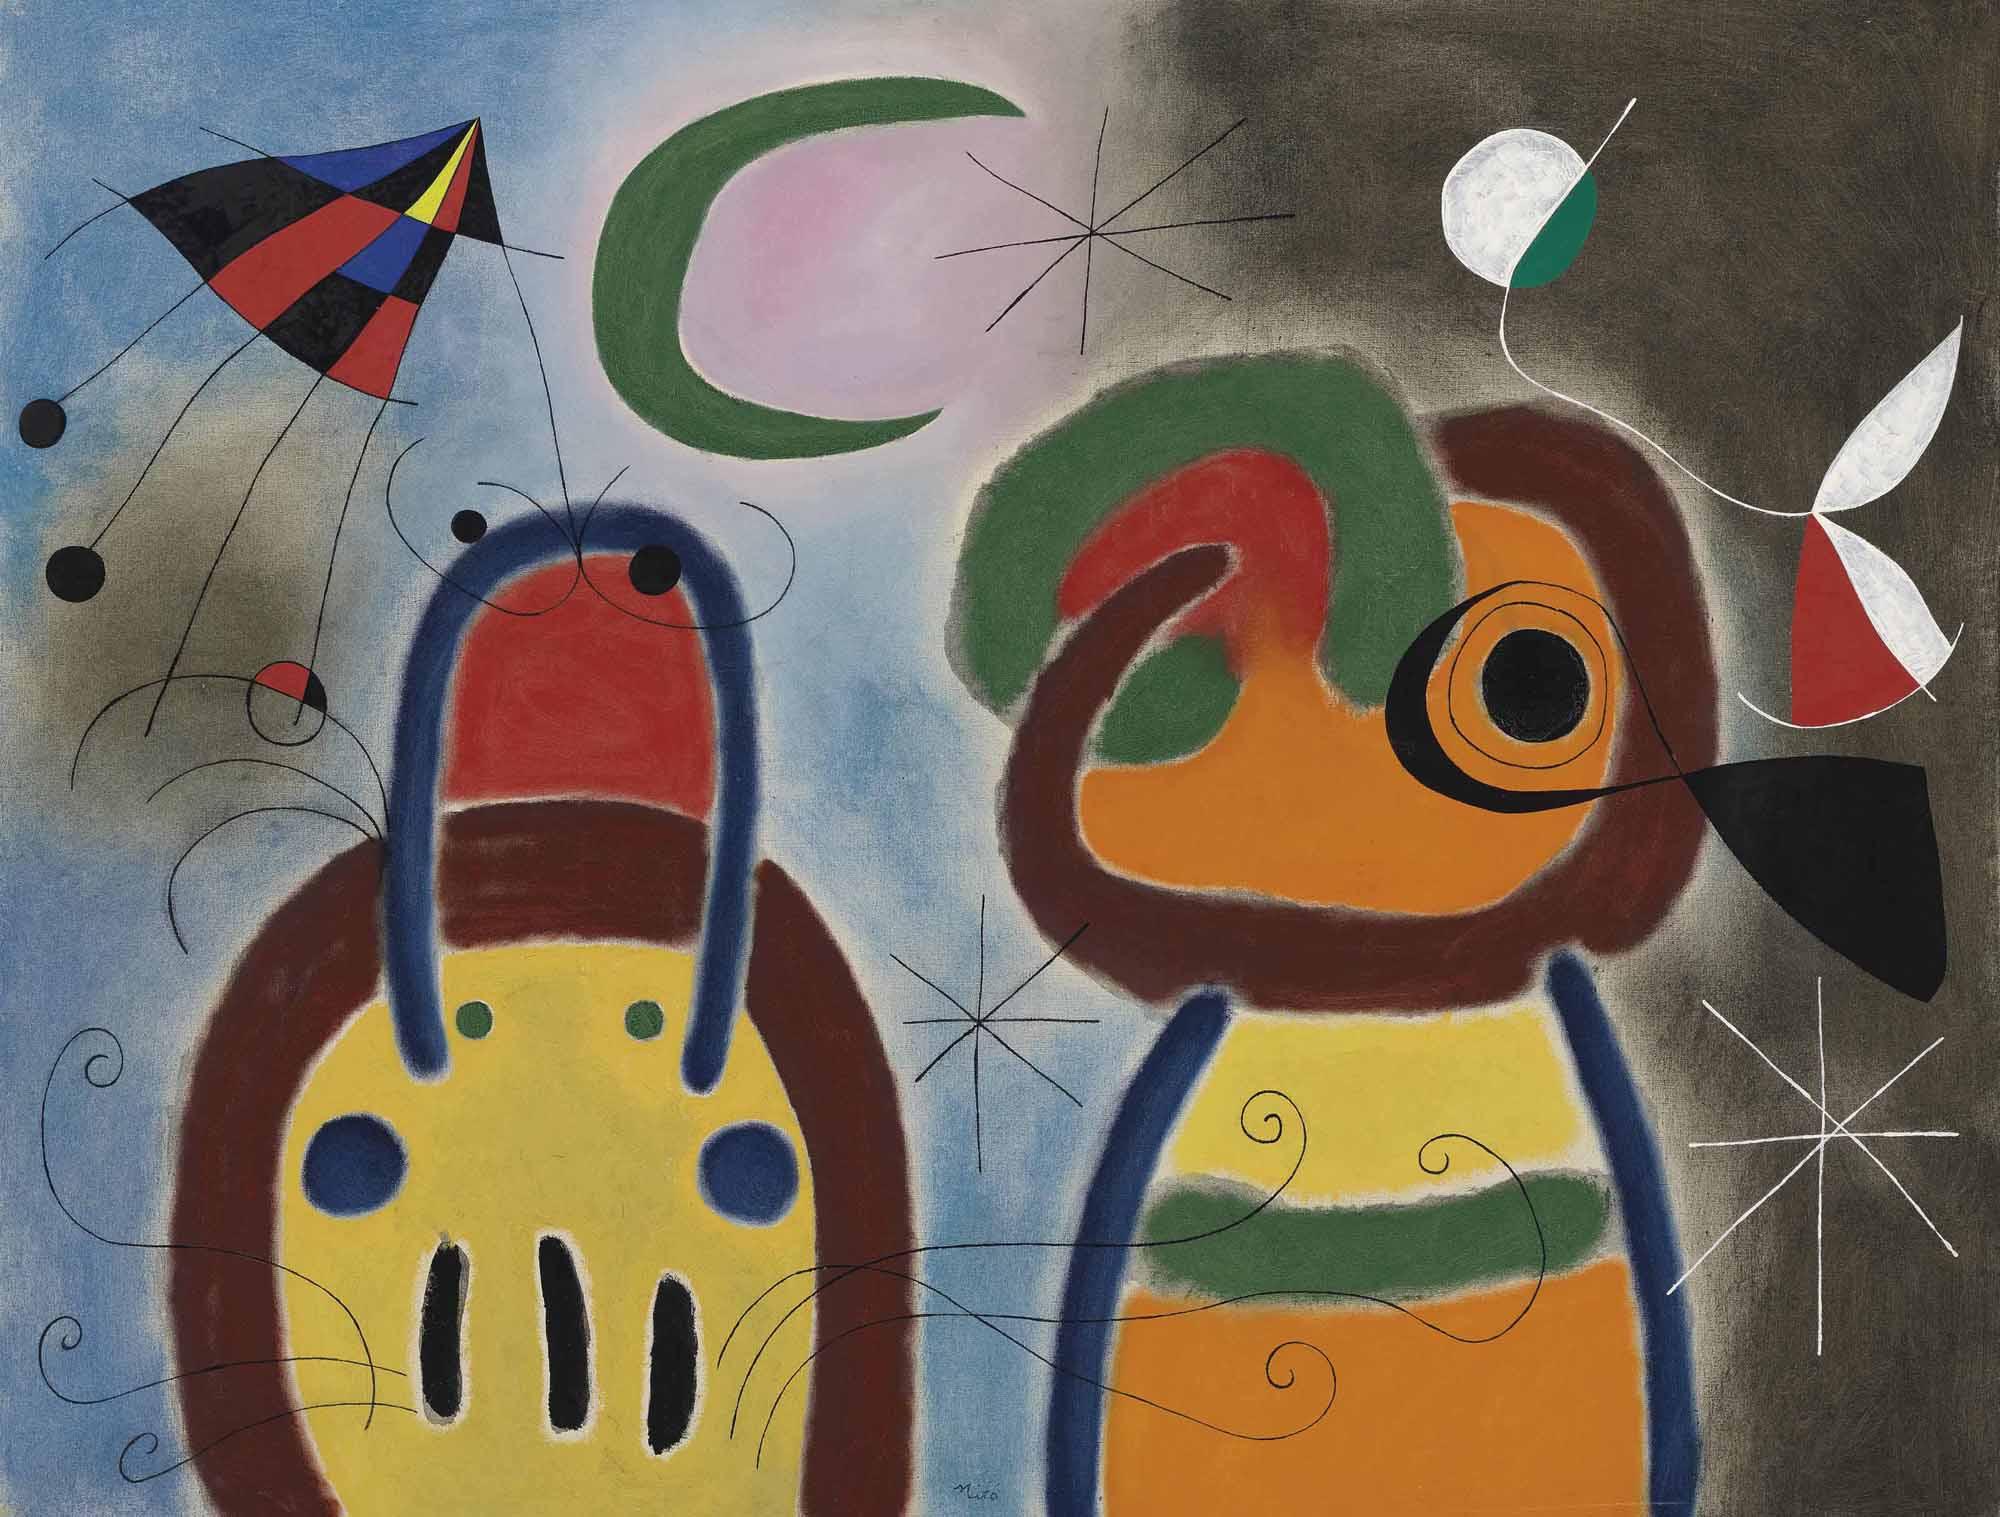 Joan Miró (1893-1983), Loiseau au plumage déployé vole vers larbre argenté, 1953.Oil on canvas. 35⅜ x 45¾ in (90 x 116 cm). Sold for £9,154,500 ($13,923,194) on 4 February 2015 at Christies in London.Artwork © Successió Miró  ADAGP, Paris and DACS London 2021